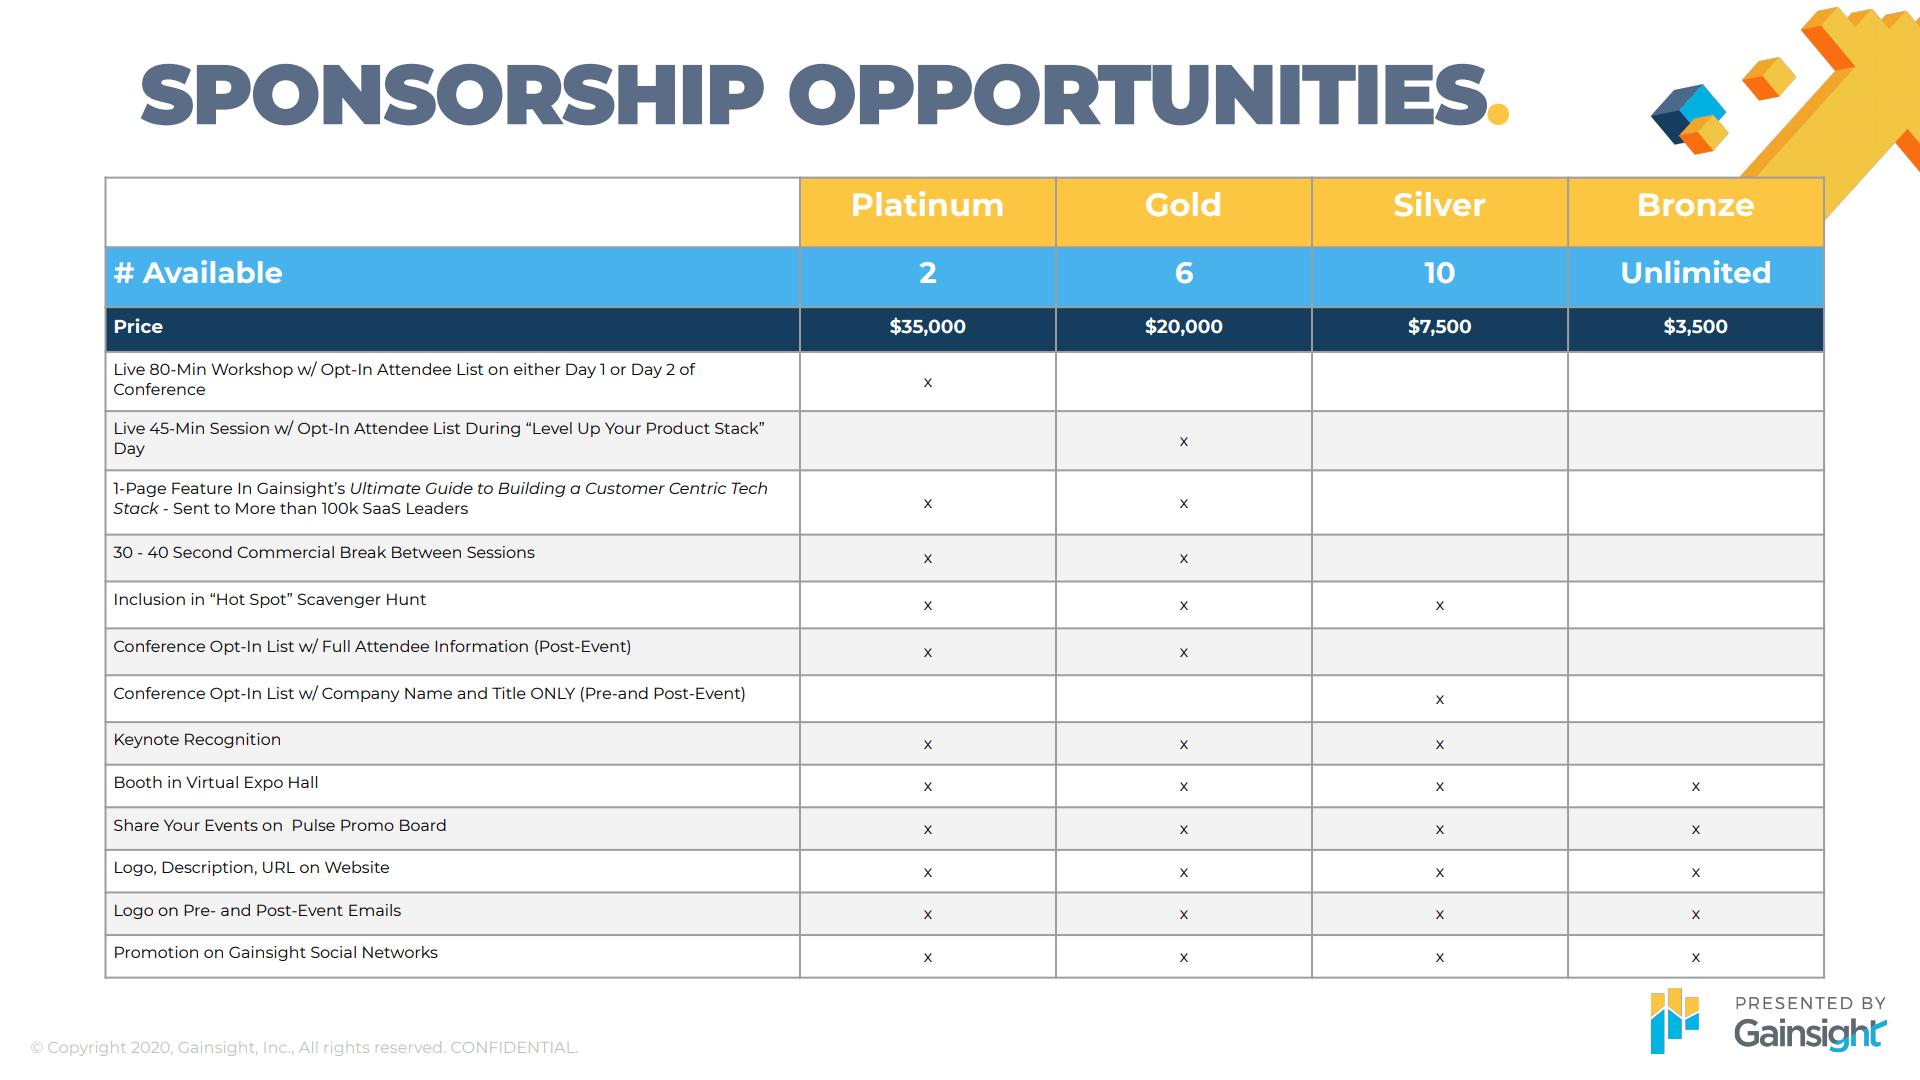 Gainsight sponsors-event sponsorship guide